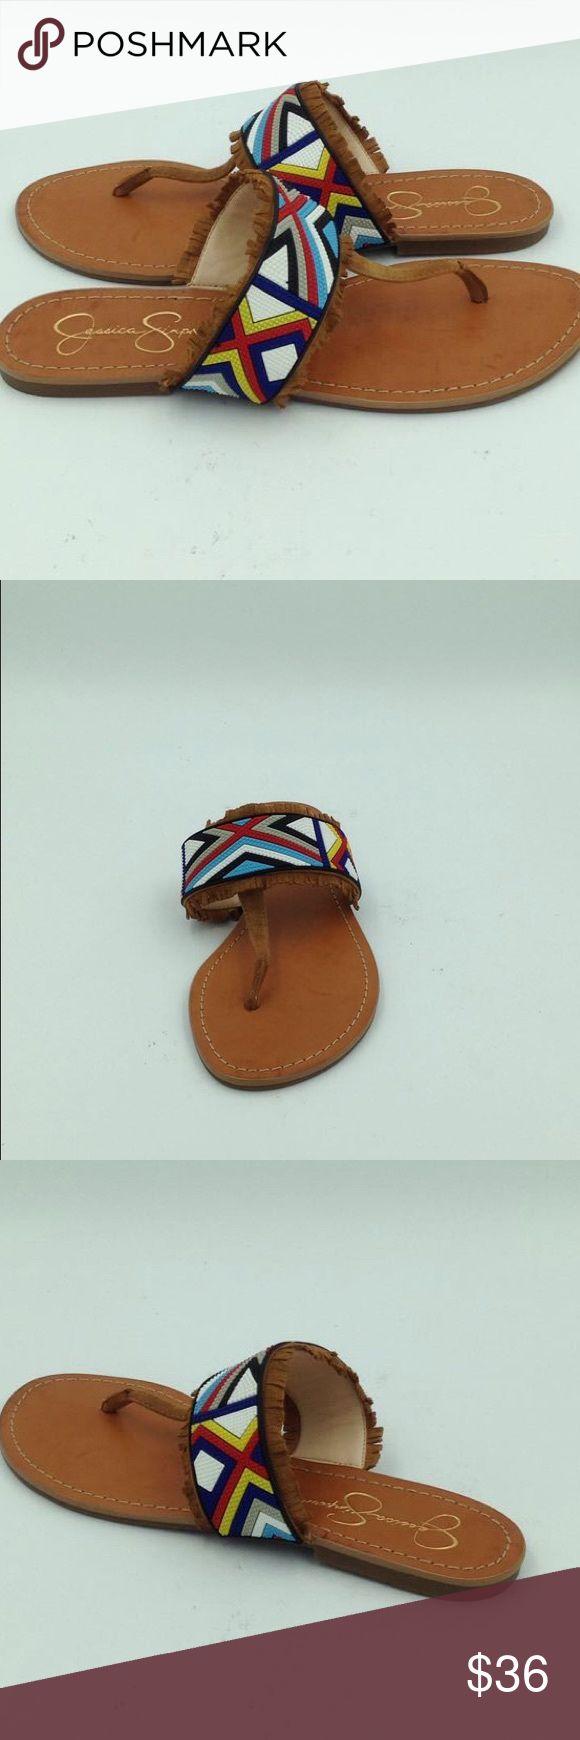 NEW Women's Jessica Simpson Multi Color Flats Never worn, brown sued, Multi color,    A15 Jessica Simpson Shoes Sandals